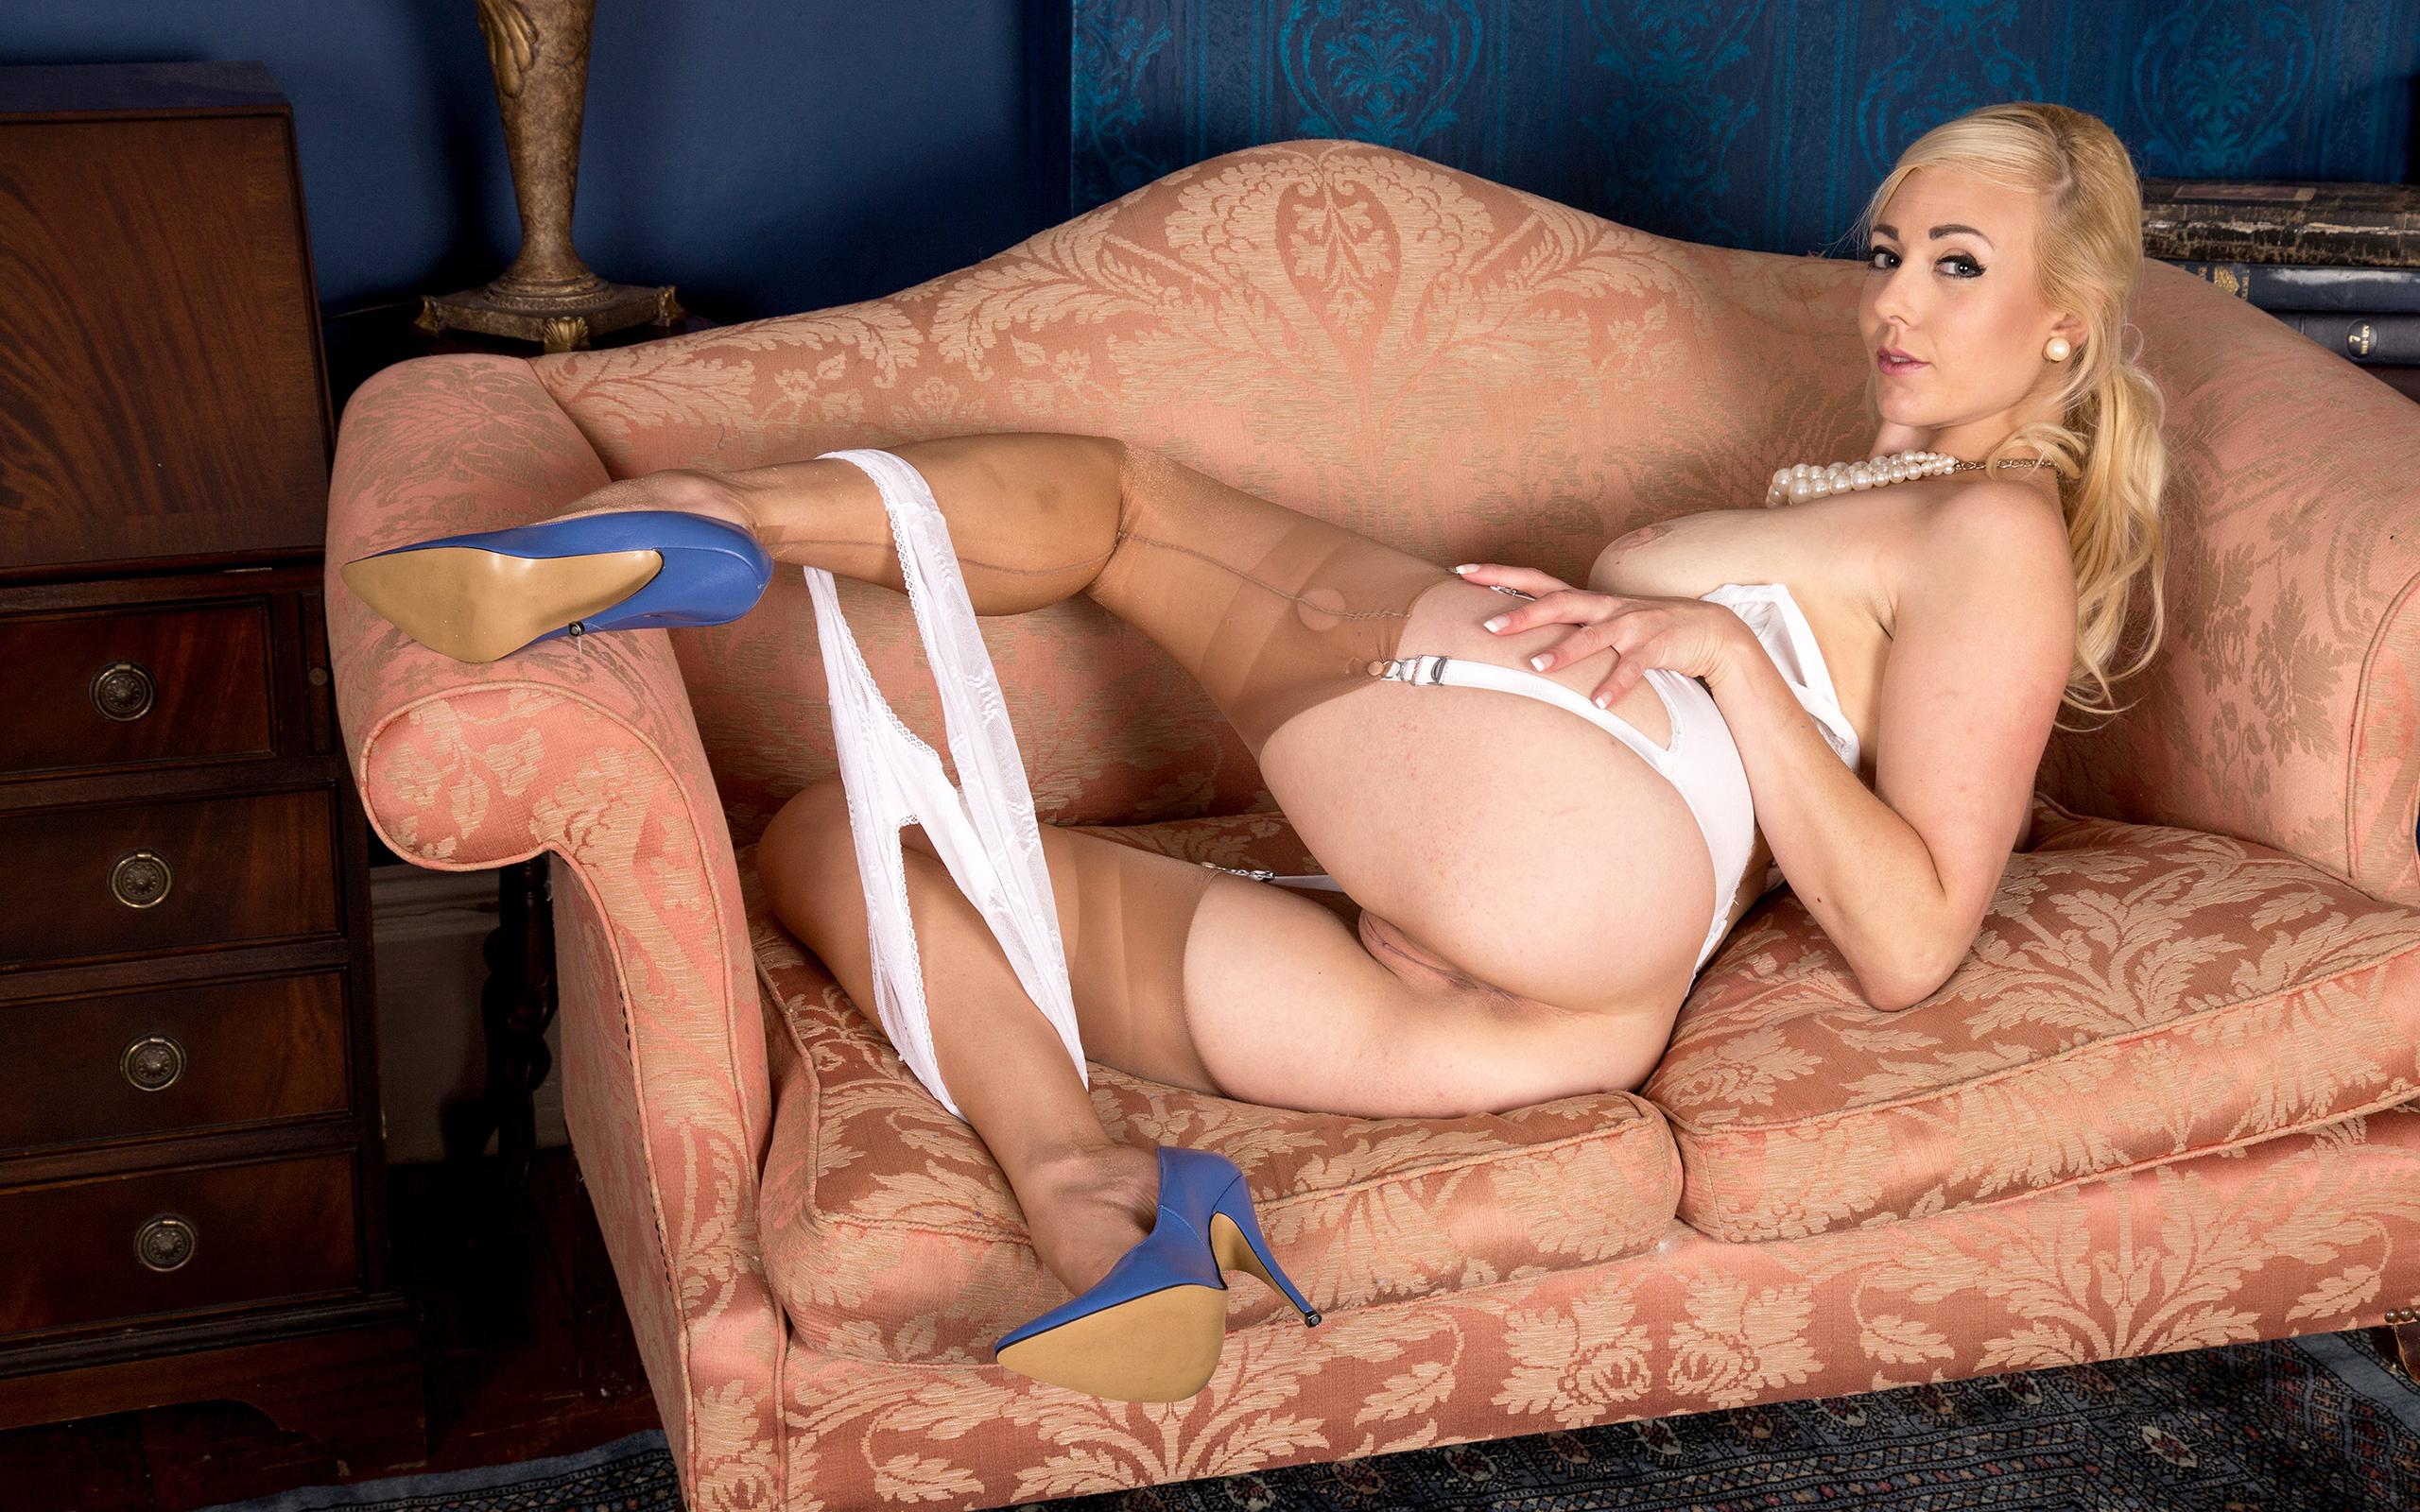 Alyssa nicole pallett free nude